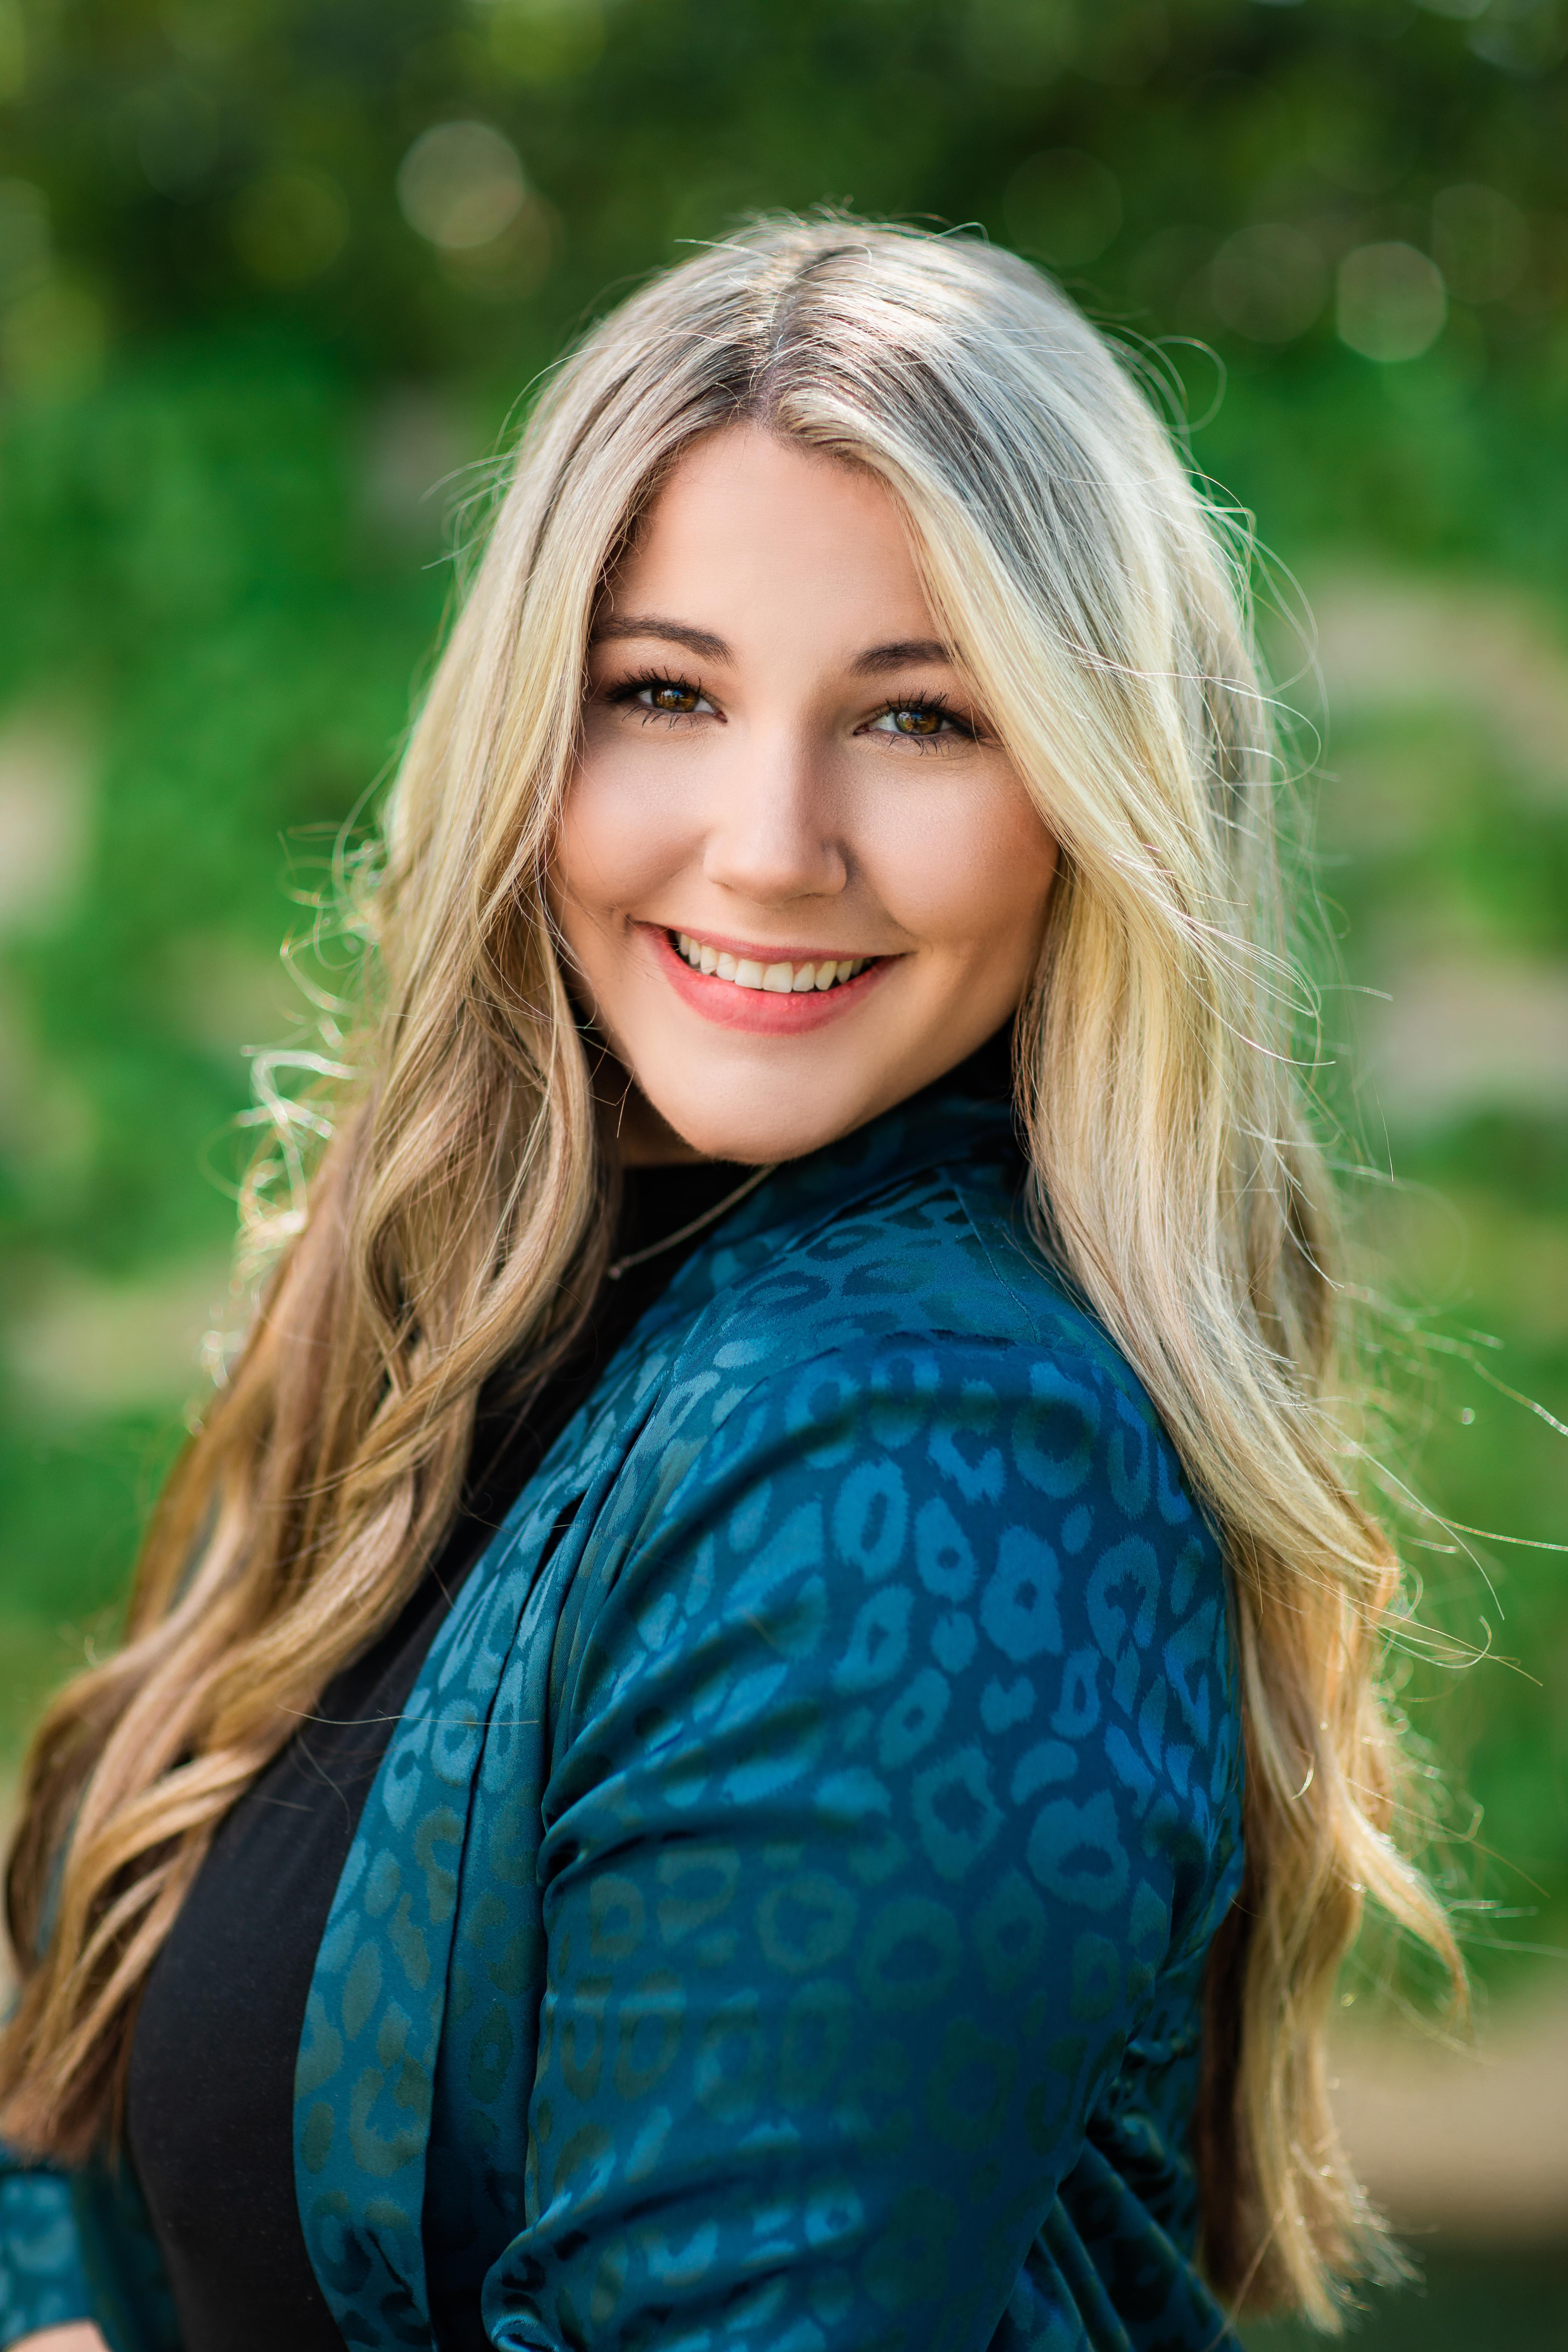 Allie Mendenhall